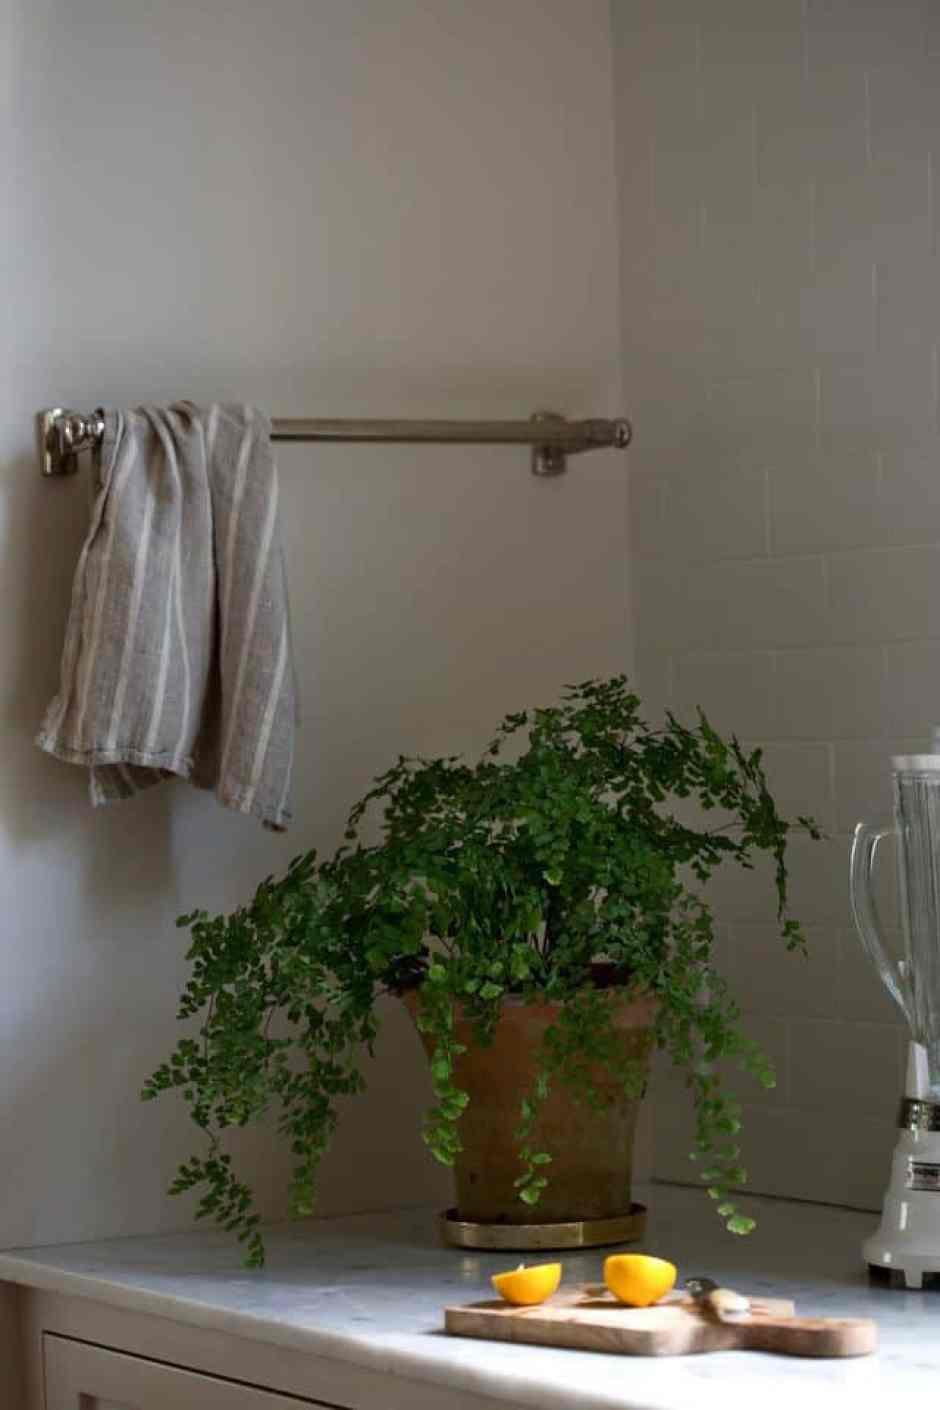 La felce, una pianta resistente all'umidità perfetta per il bagno